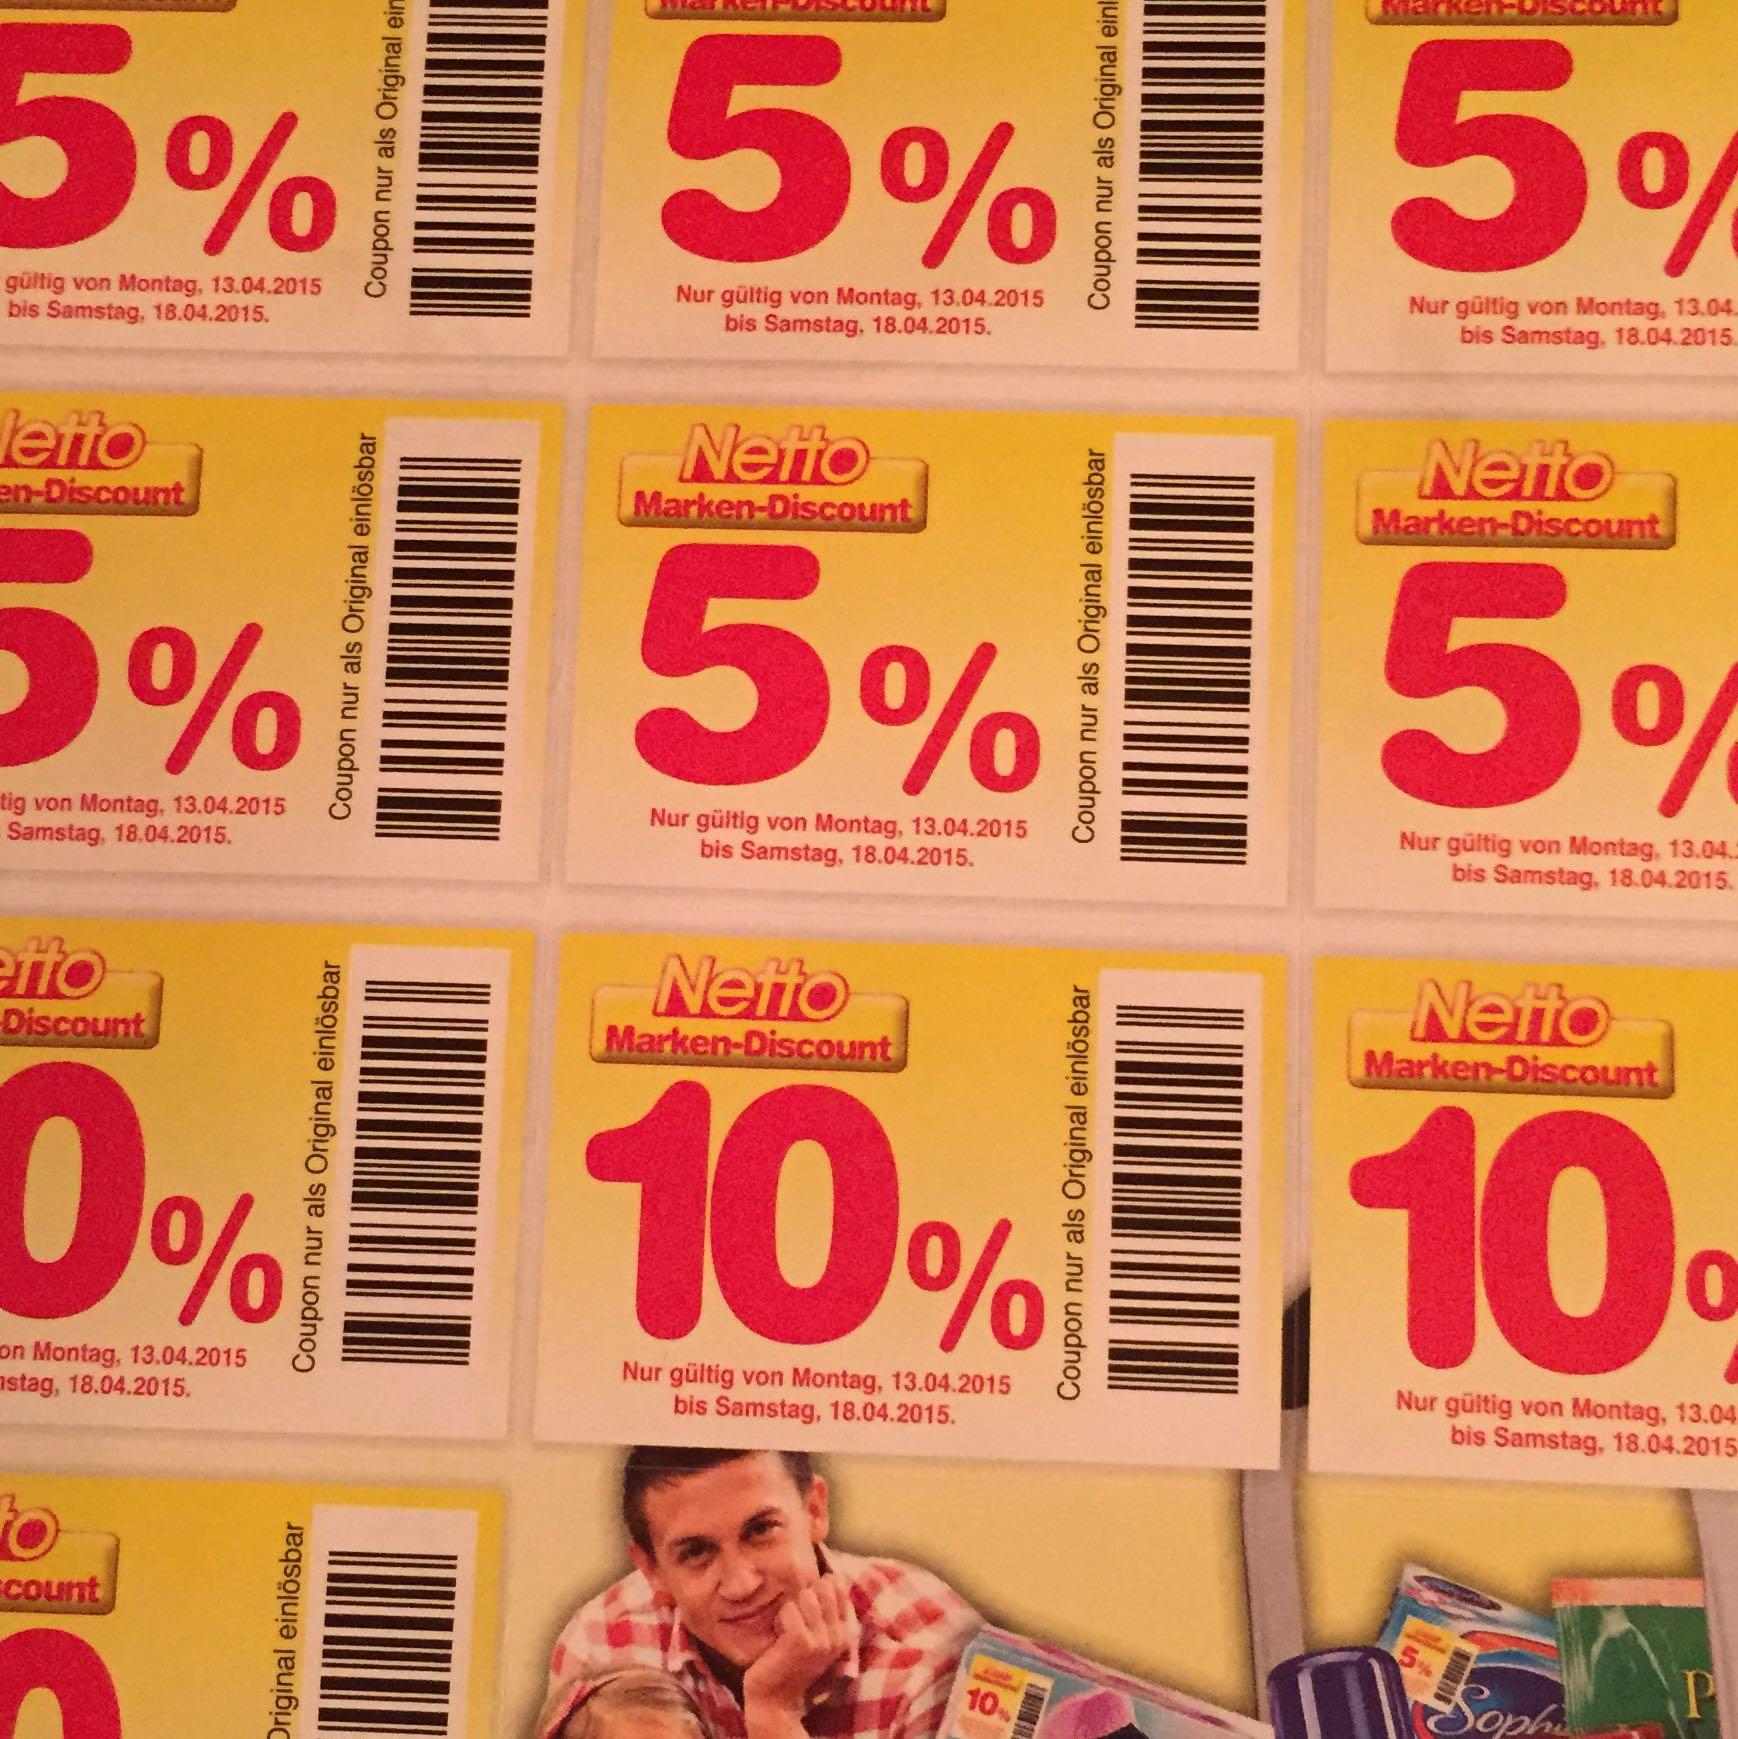 Netto Marken Discount Rabatt Aufkleber